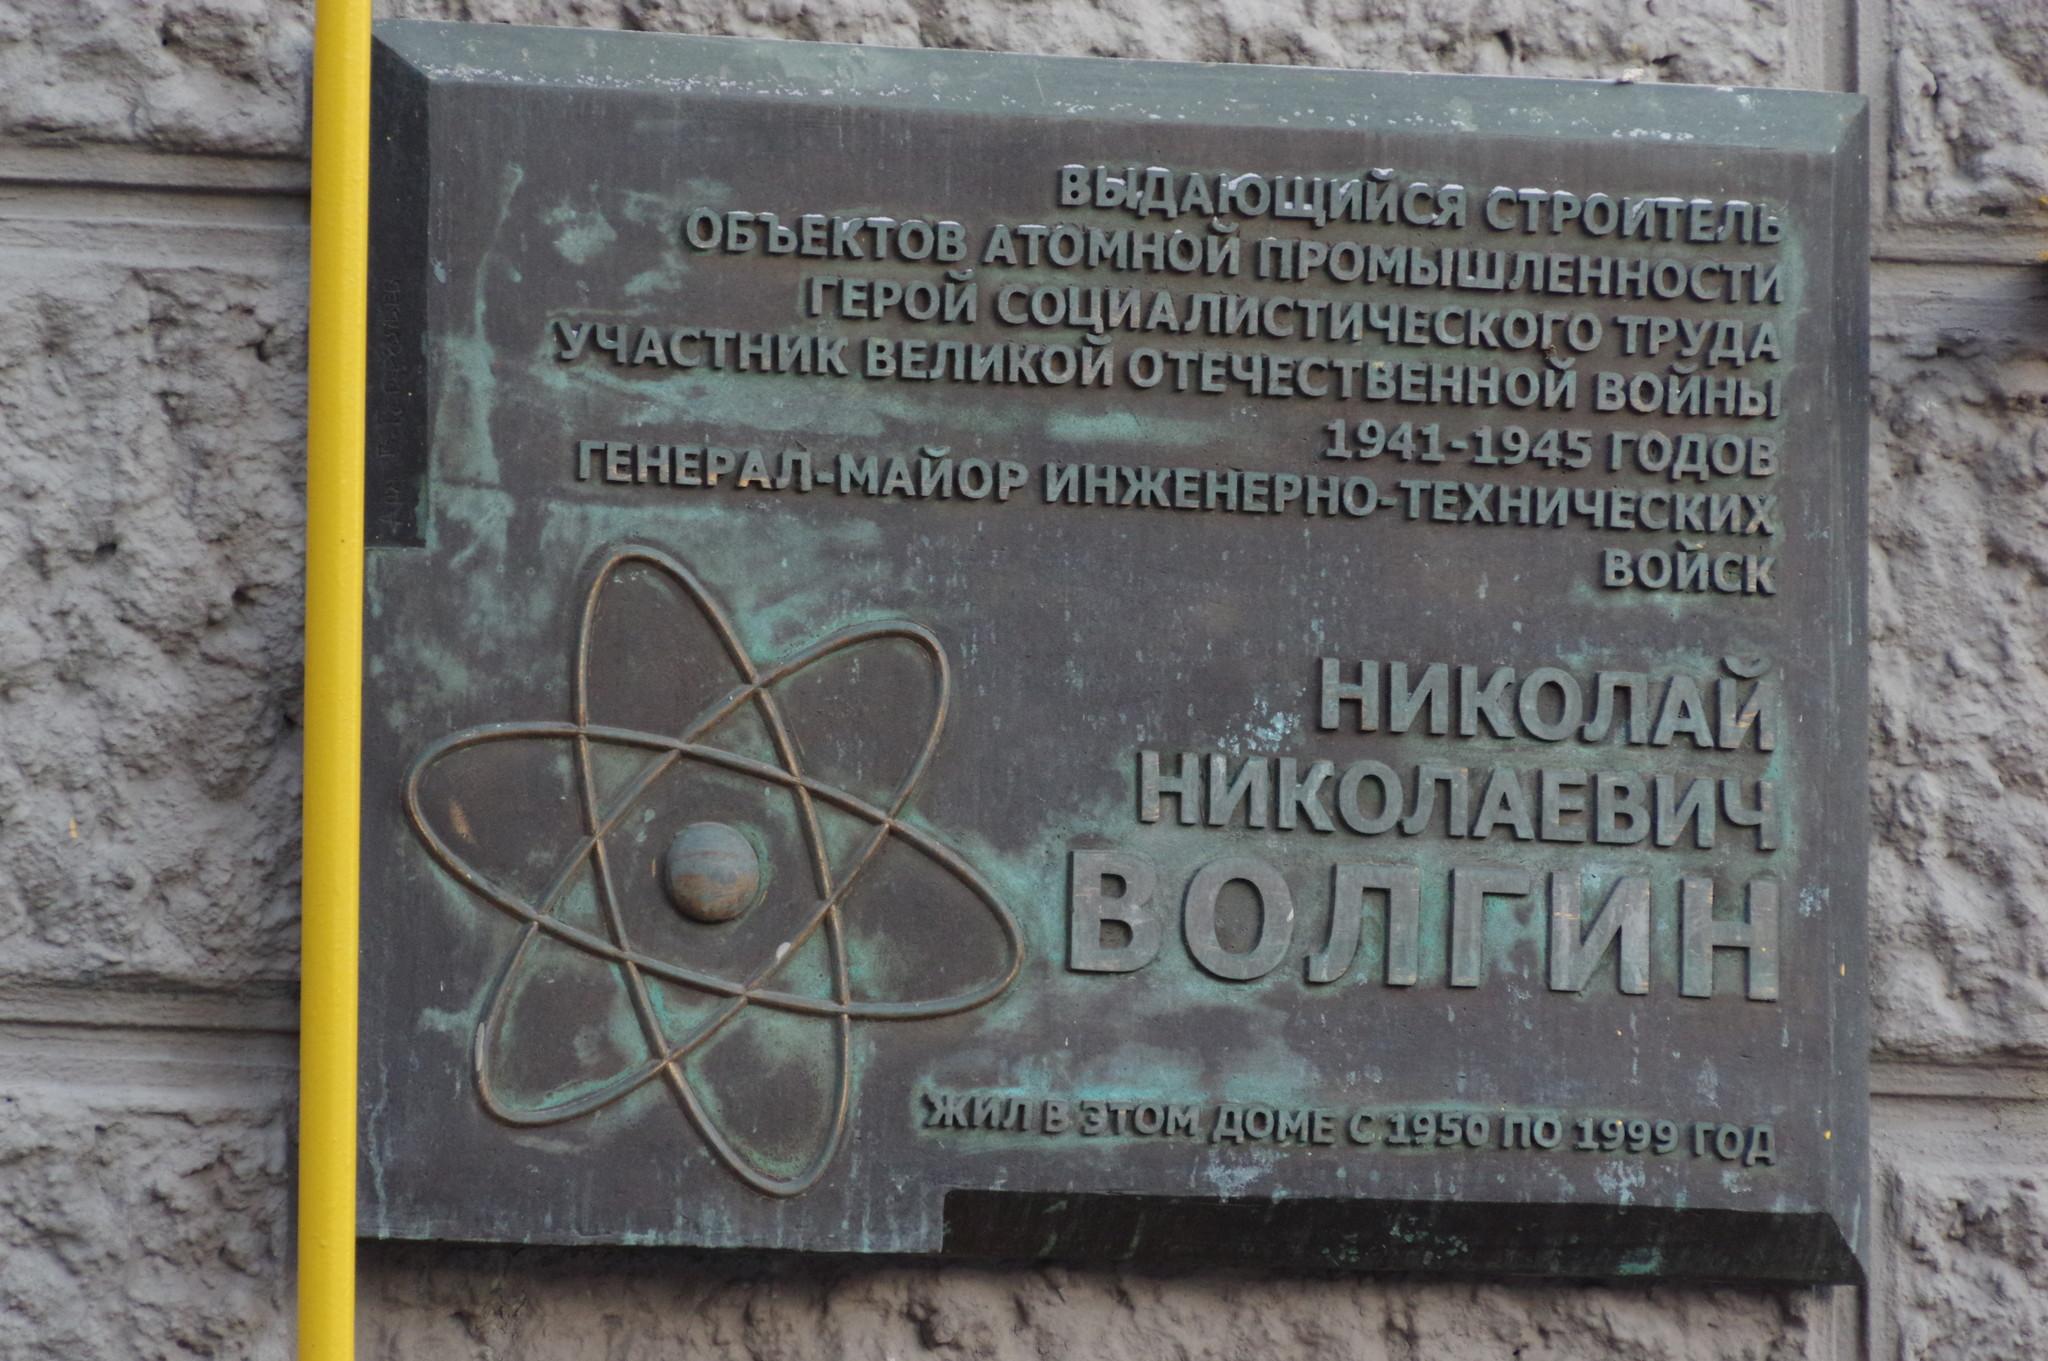 Мемориальная доска на доме, в котором с 1950 года по 1999 год, жил генерал-майор инженерно-технической службы, участник Великой Отечественной войны 1941-1945 годов Николай Николаевич Волгин (Большой Казённый переулок, дом 7)